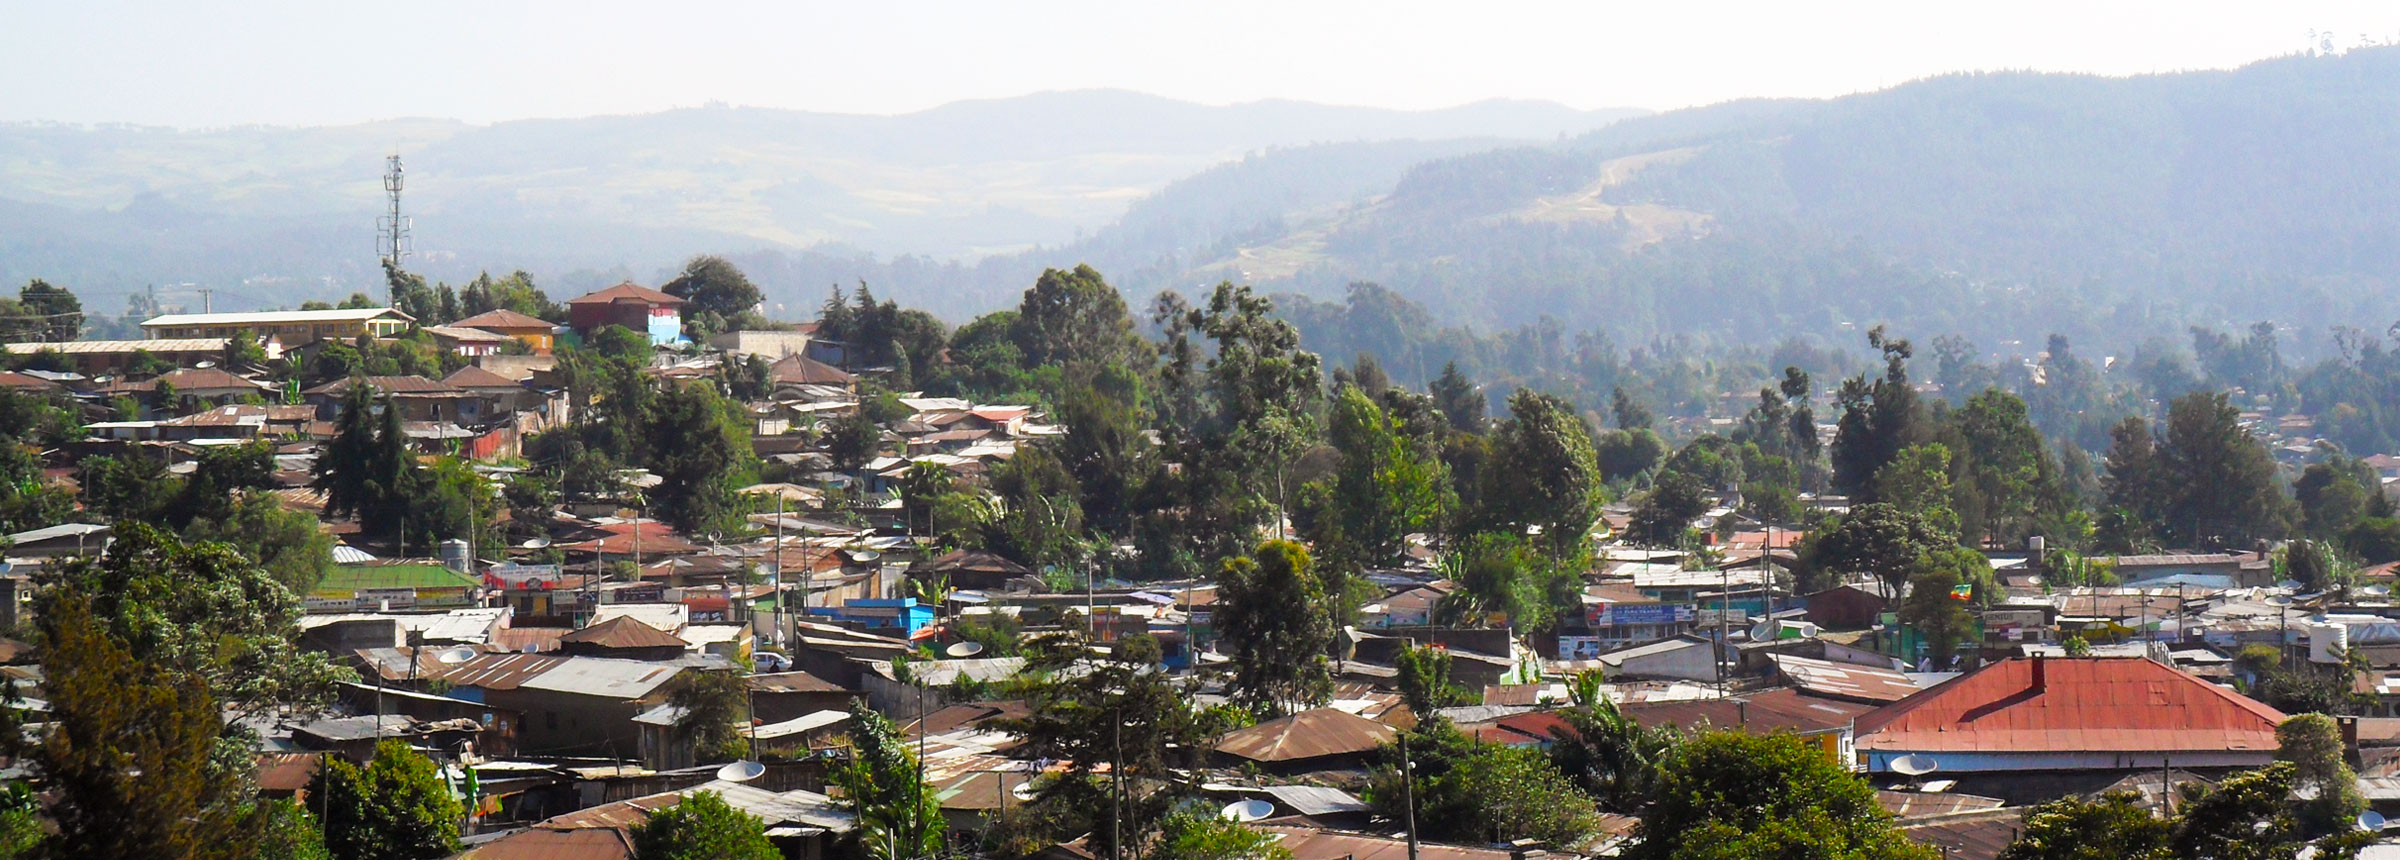 Ethiopian skyline